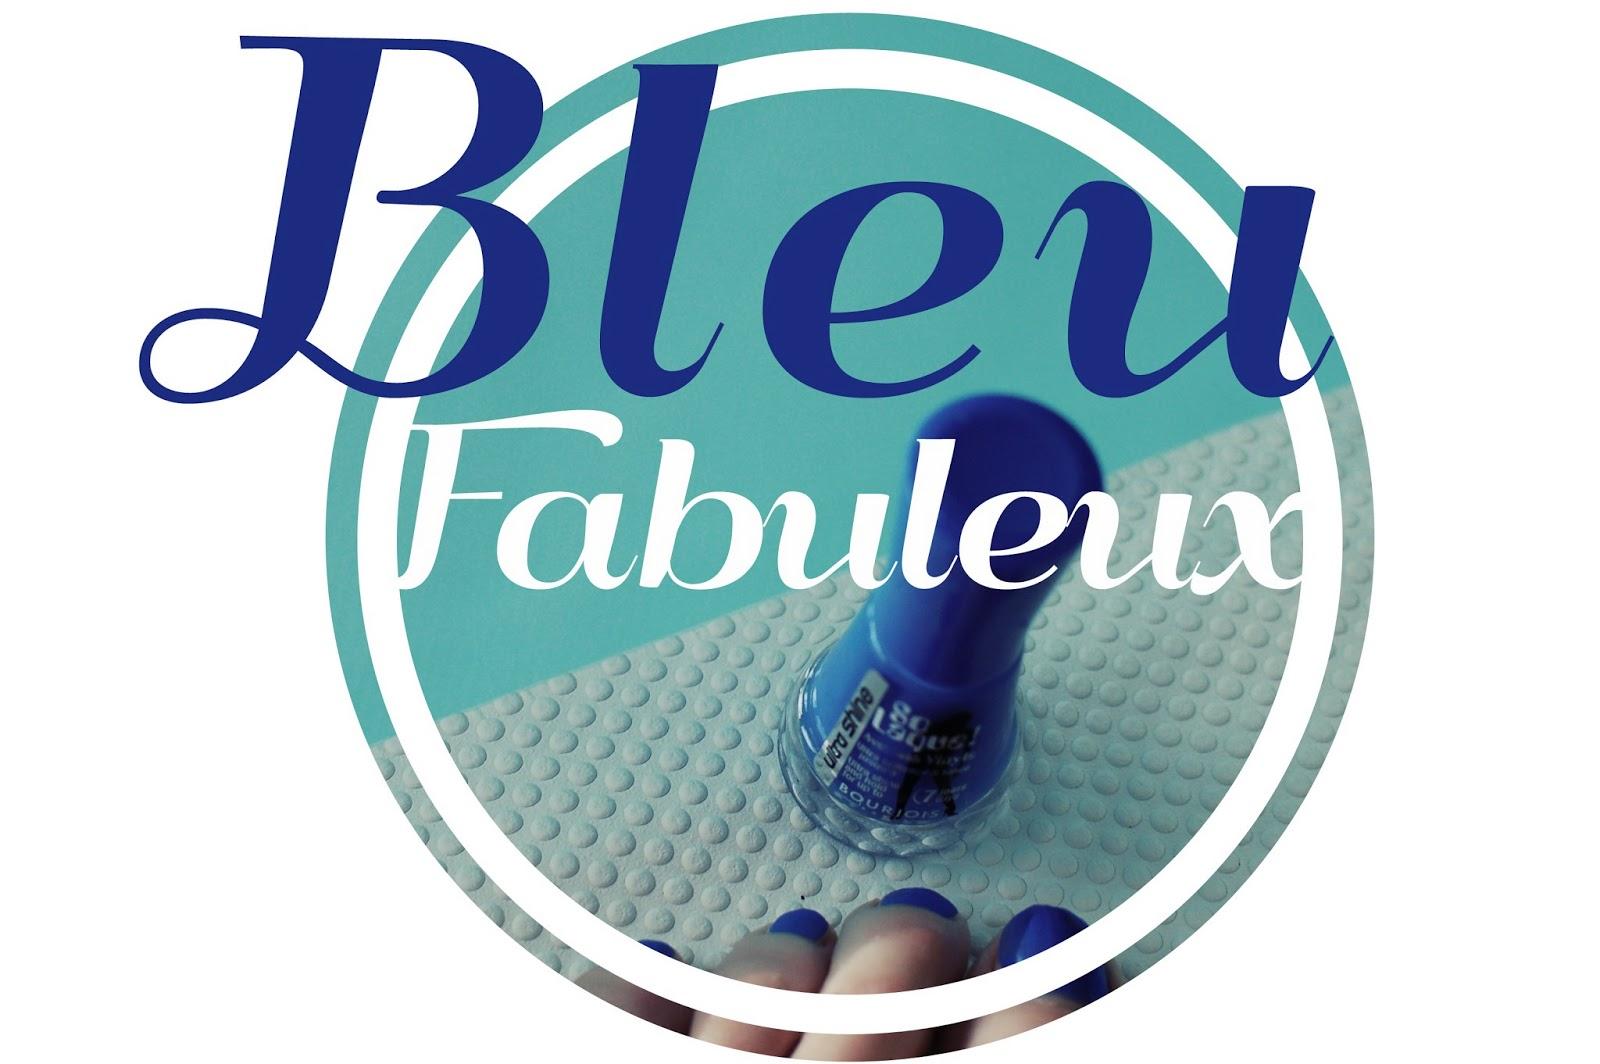 bourjois-vernis-bleu-fabuleux-so-laque-vernis-vinyl-brillant-nailart-manucure-facile-piscine-pieds-été